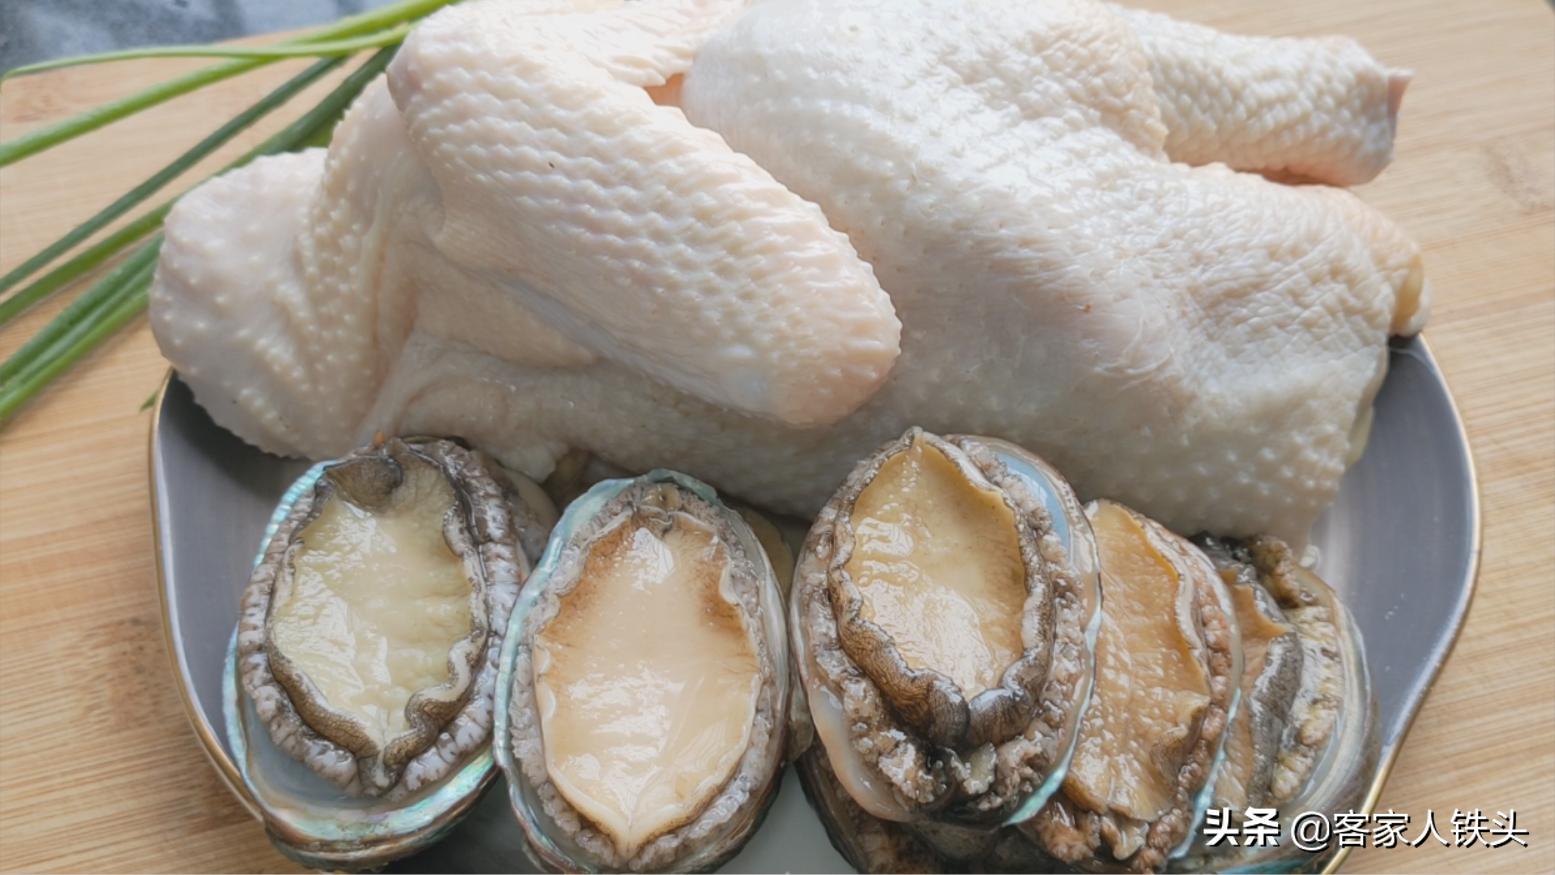 鮑魚怎樣做吃好? 加半隻雞教你廣式吃法,營養好吃,一鍋汁都吃光